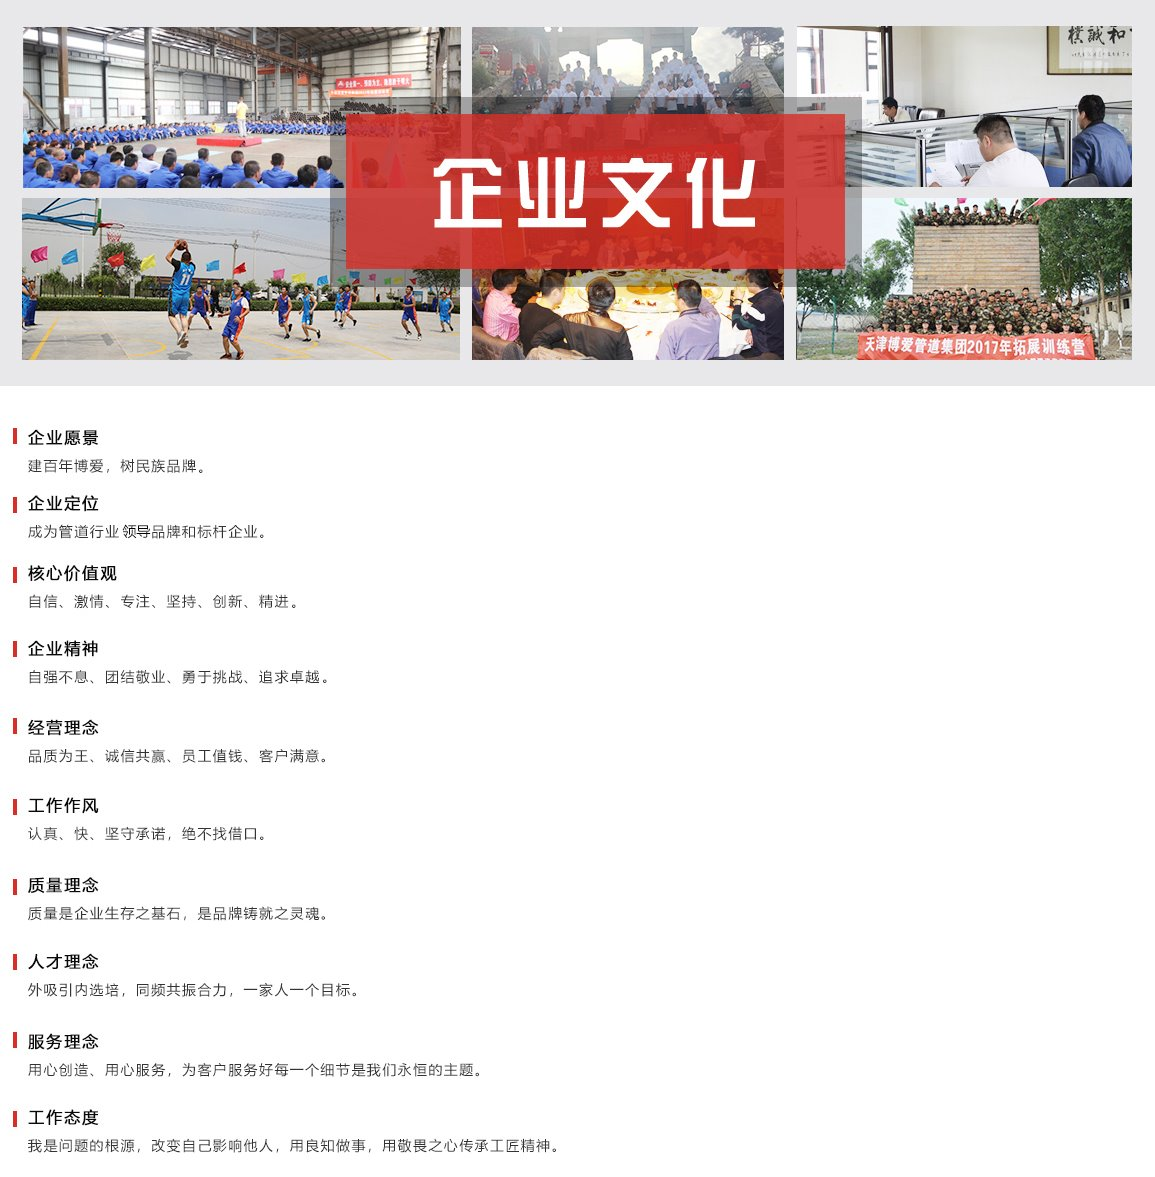 企业文化中文.jpg